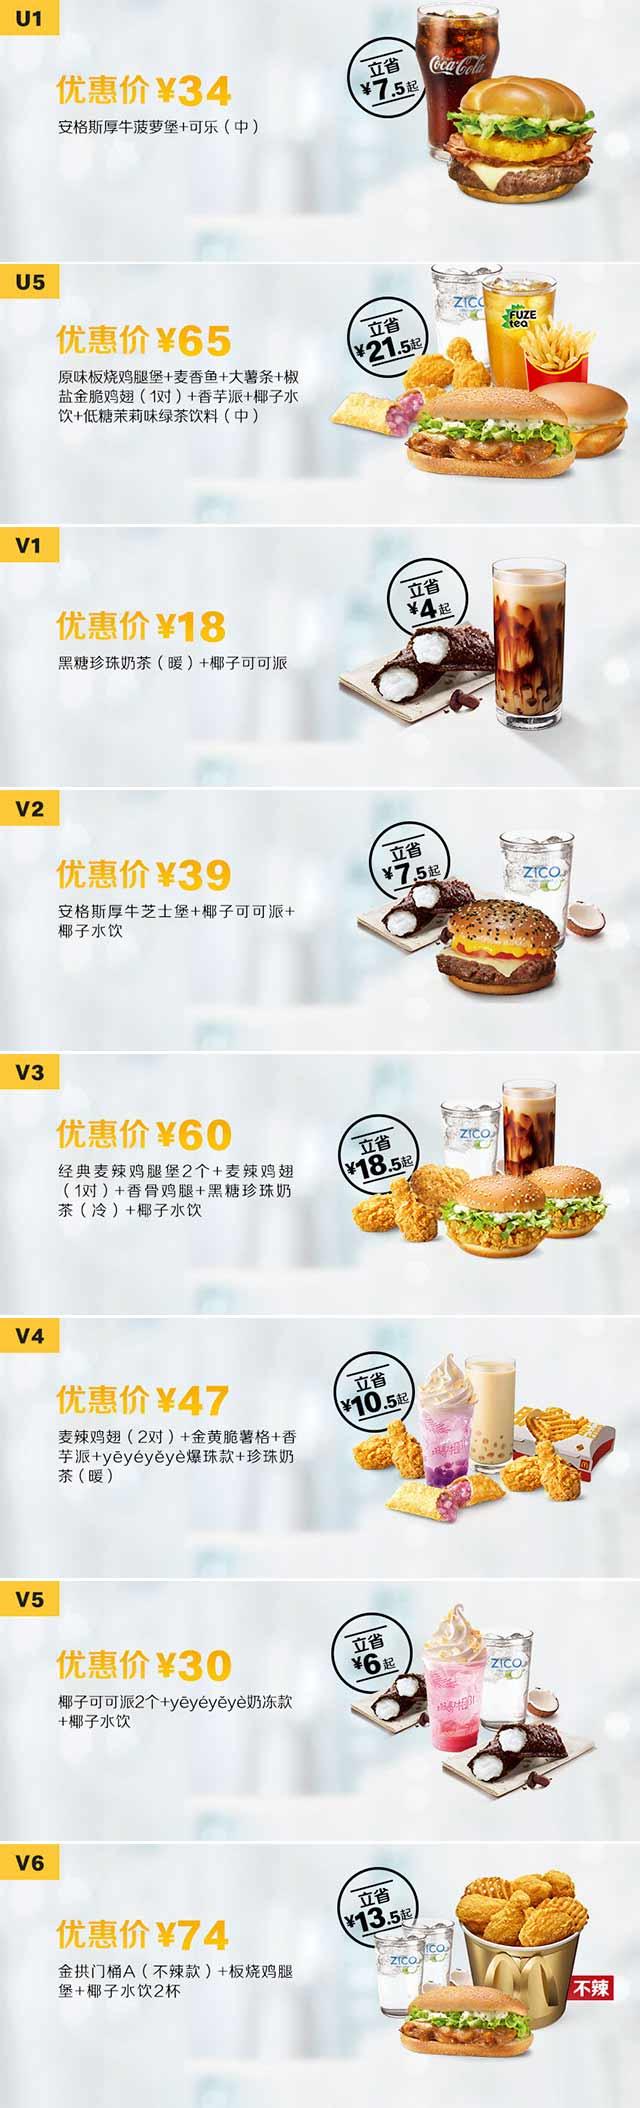 麦当劳2019年10月30日至11月26日优惠券手机版整张版本,点餐出示或报优惠码享优惠 有效期至:2019年11月26日 www.5ikfc.com